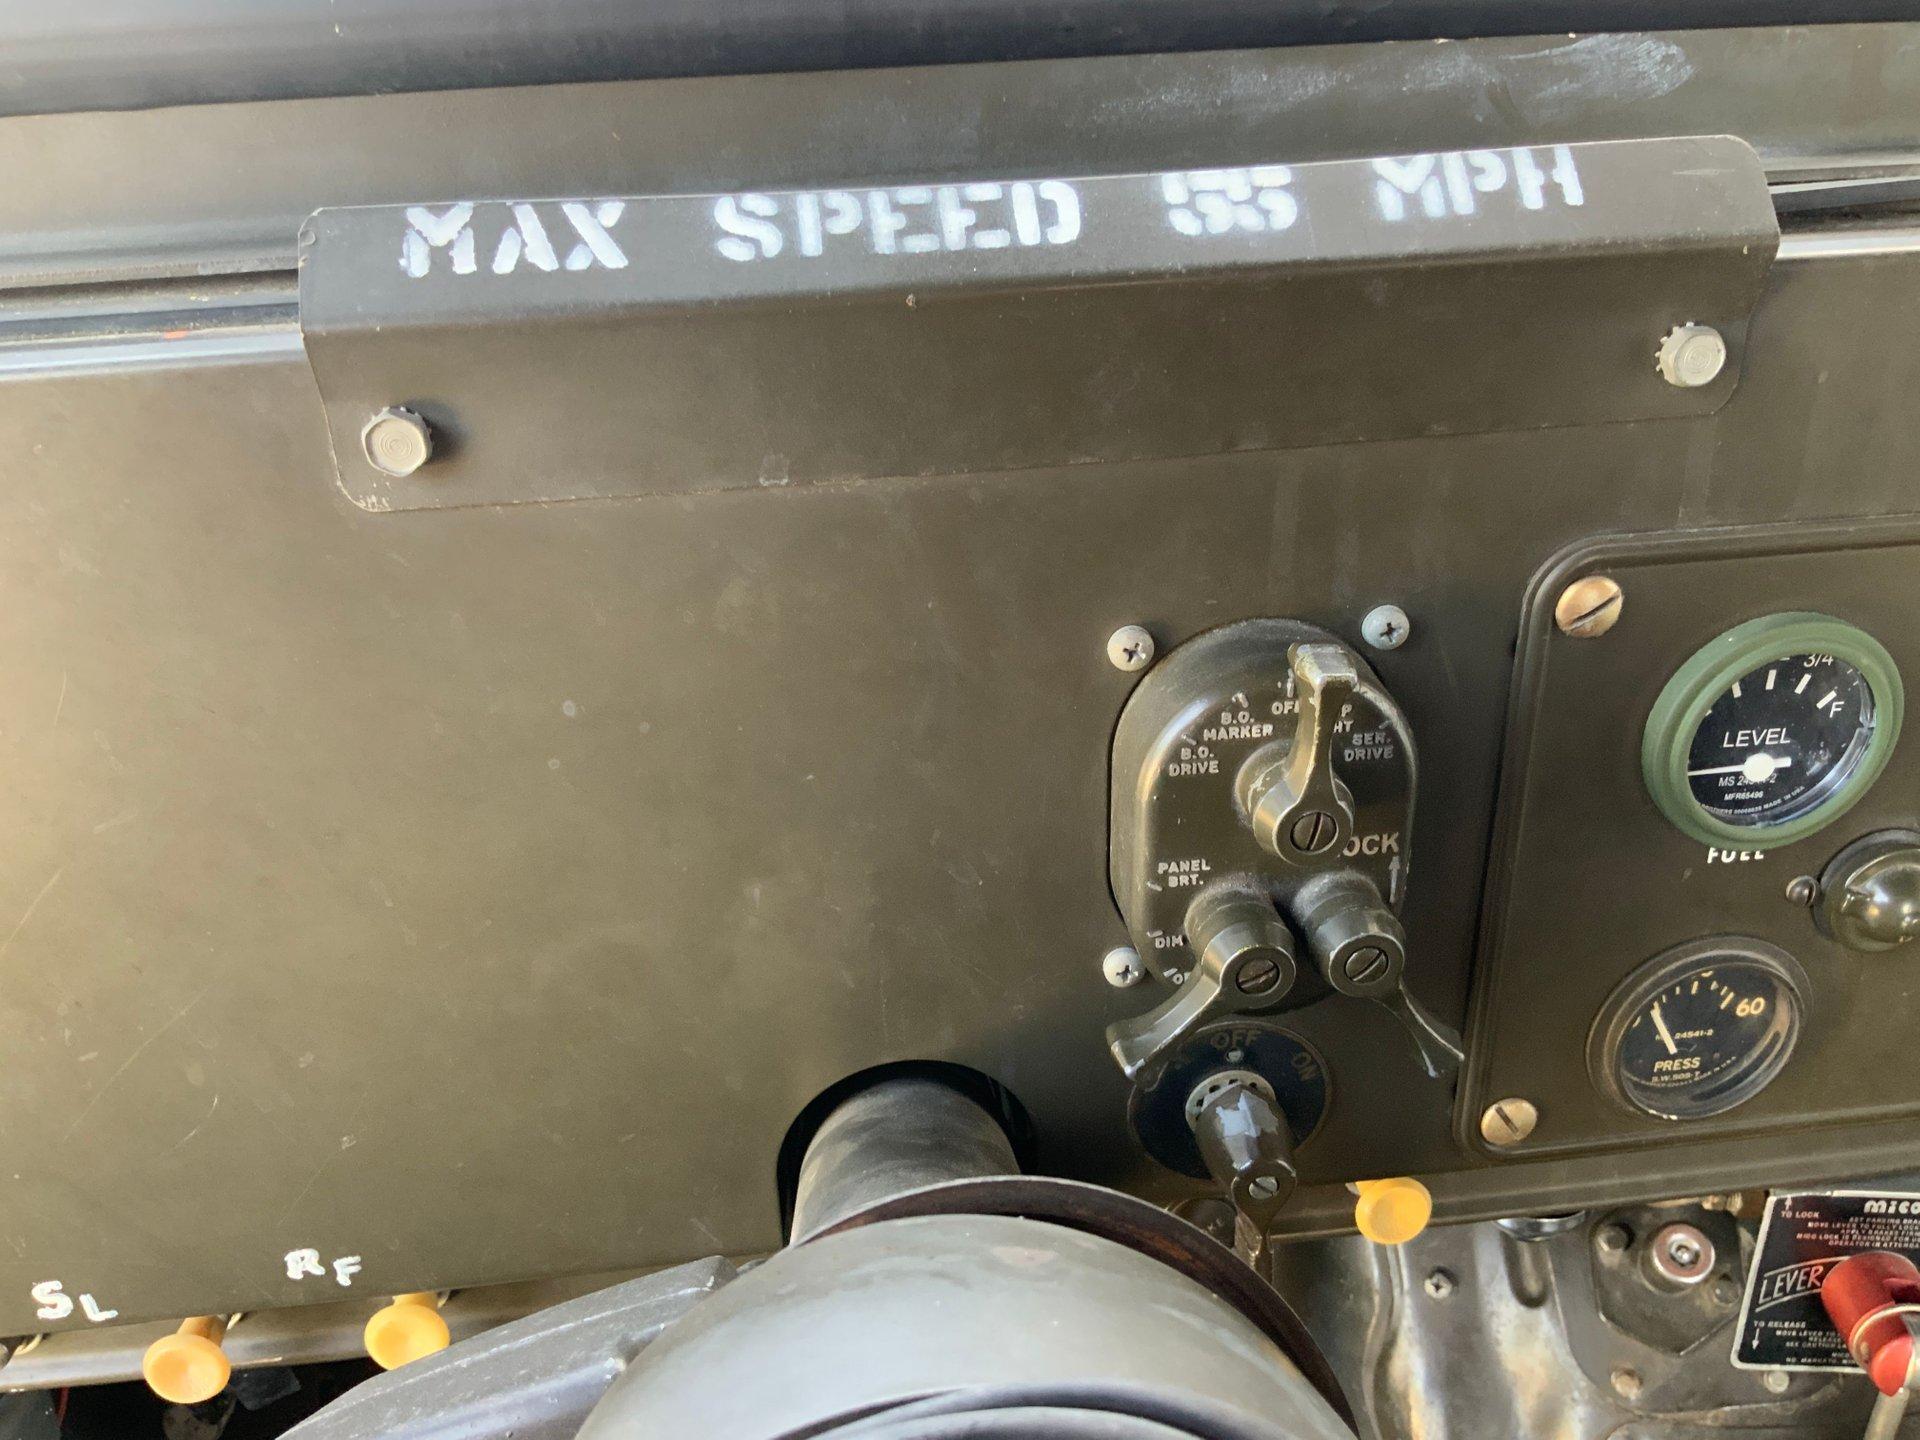 1967 Jeep M725 Ambulance Max Speed